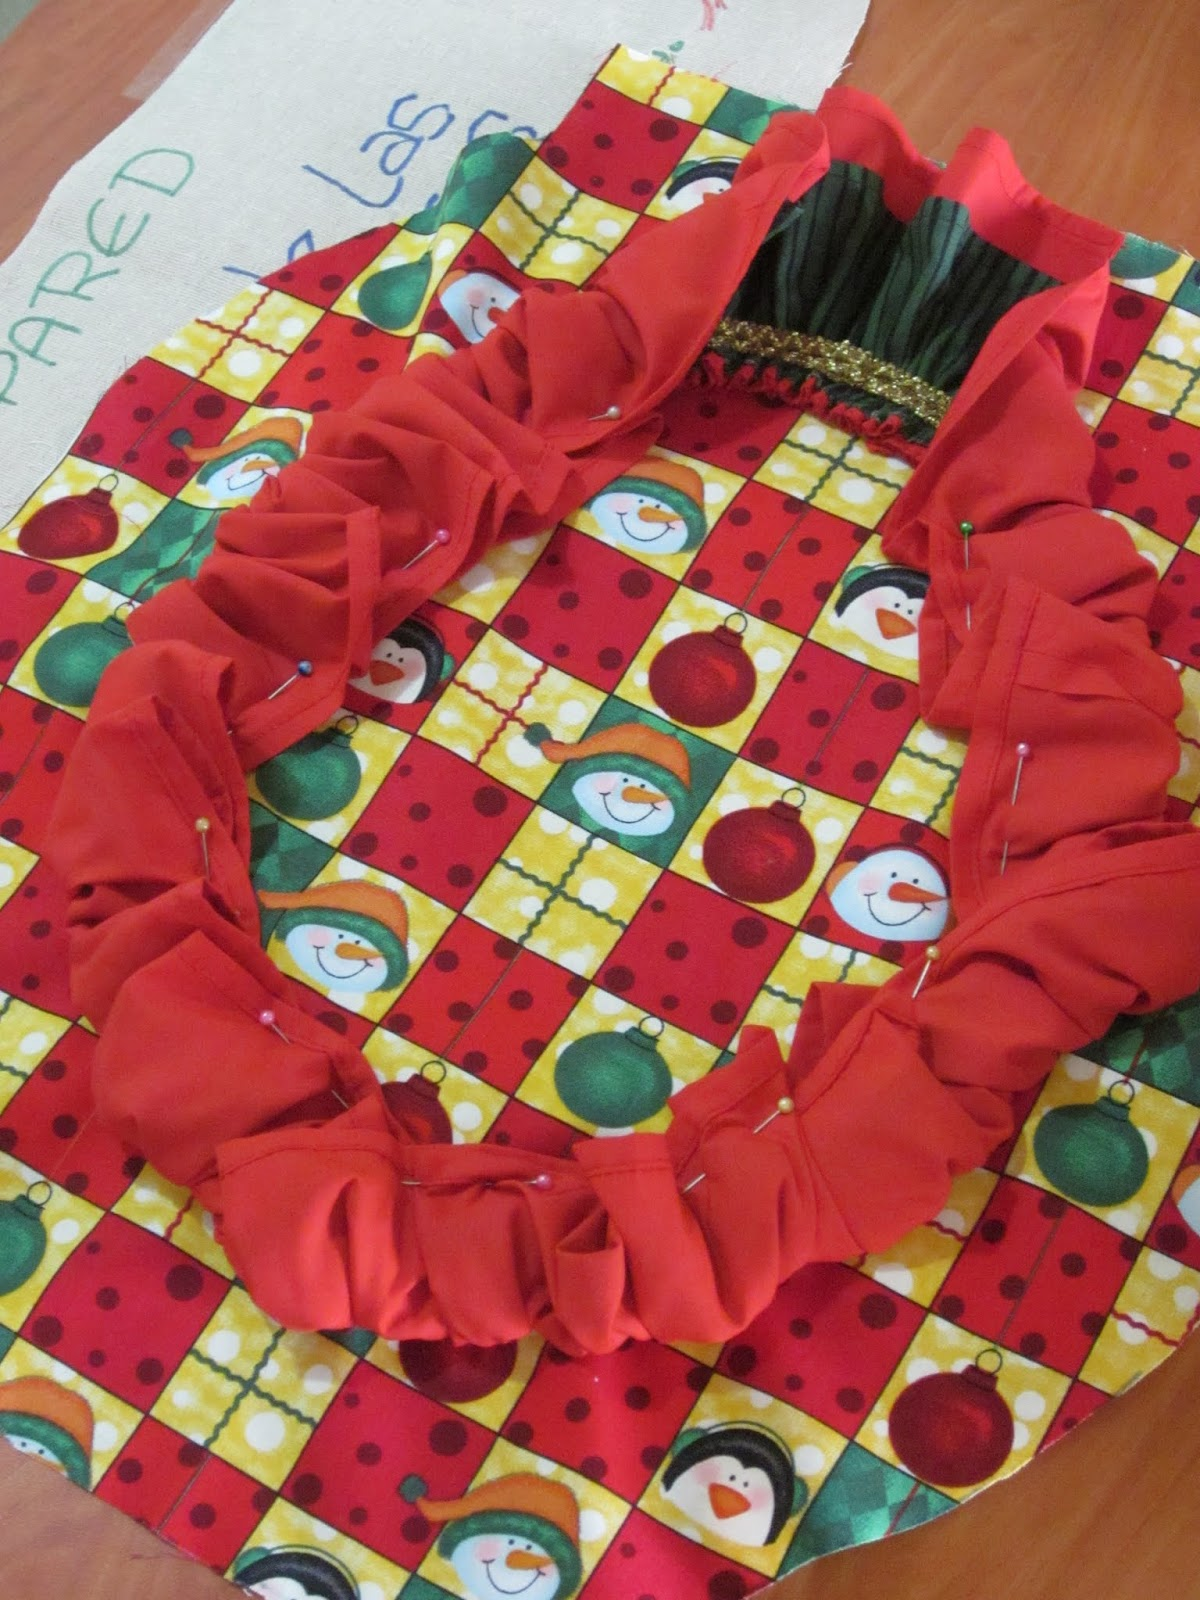 Lenceria De Baño Navidad:Confección de Juego de Baño para Navidad